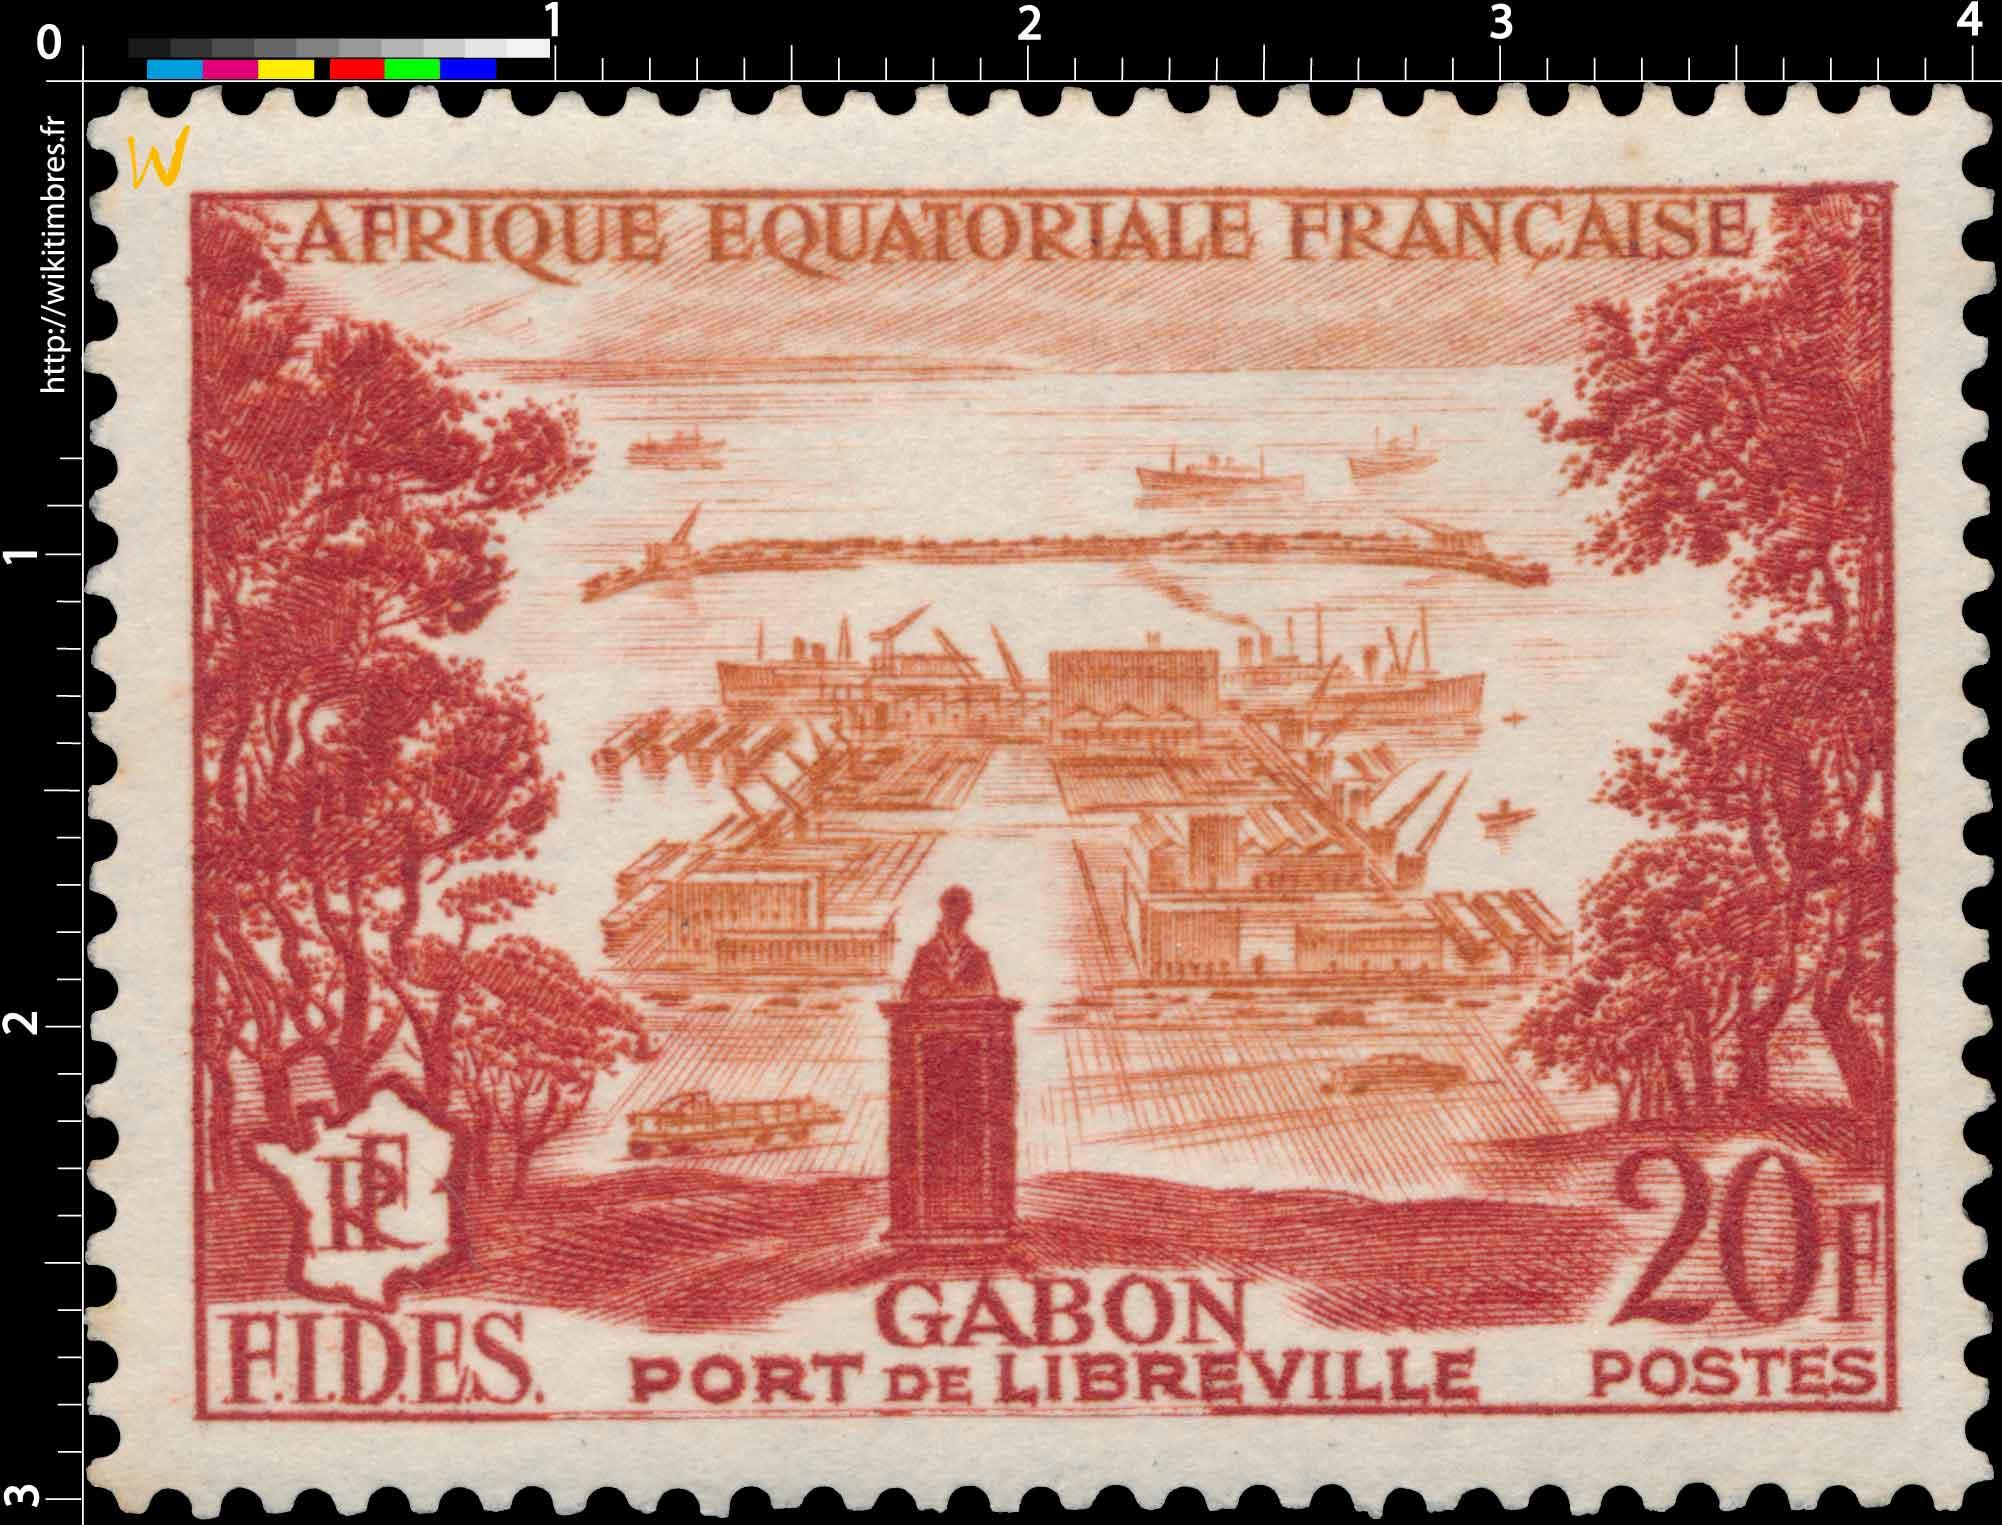 Gabon Port de Libreville Afrique Équatoriale Française F.I.D.E.S